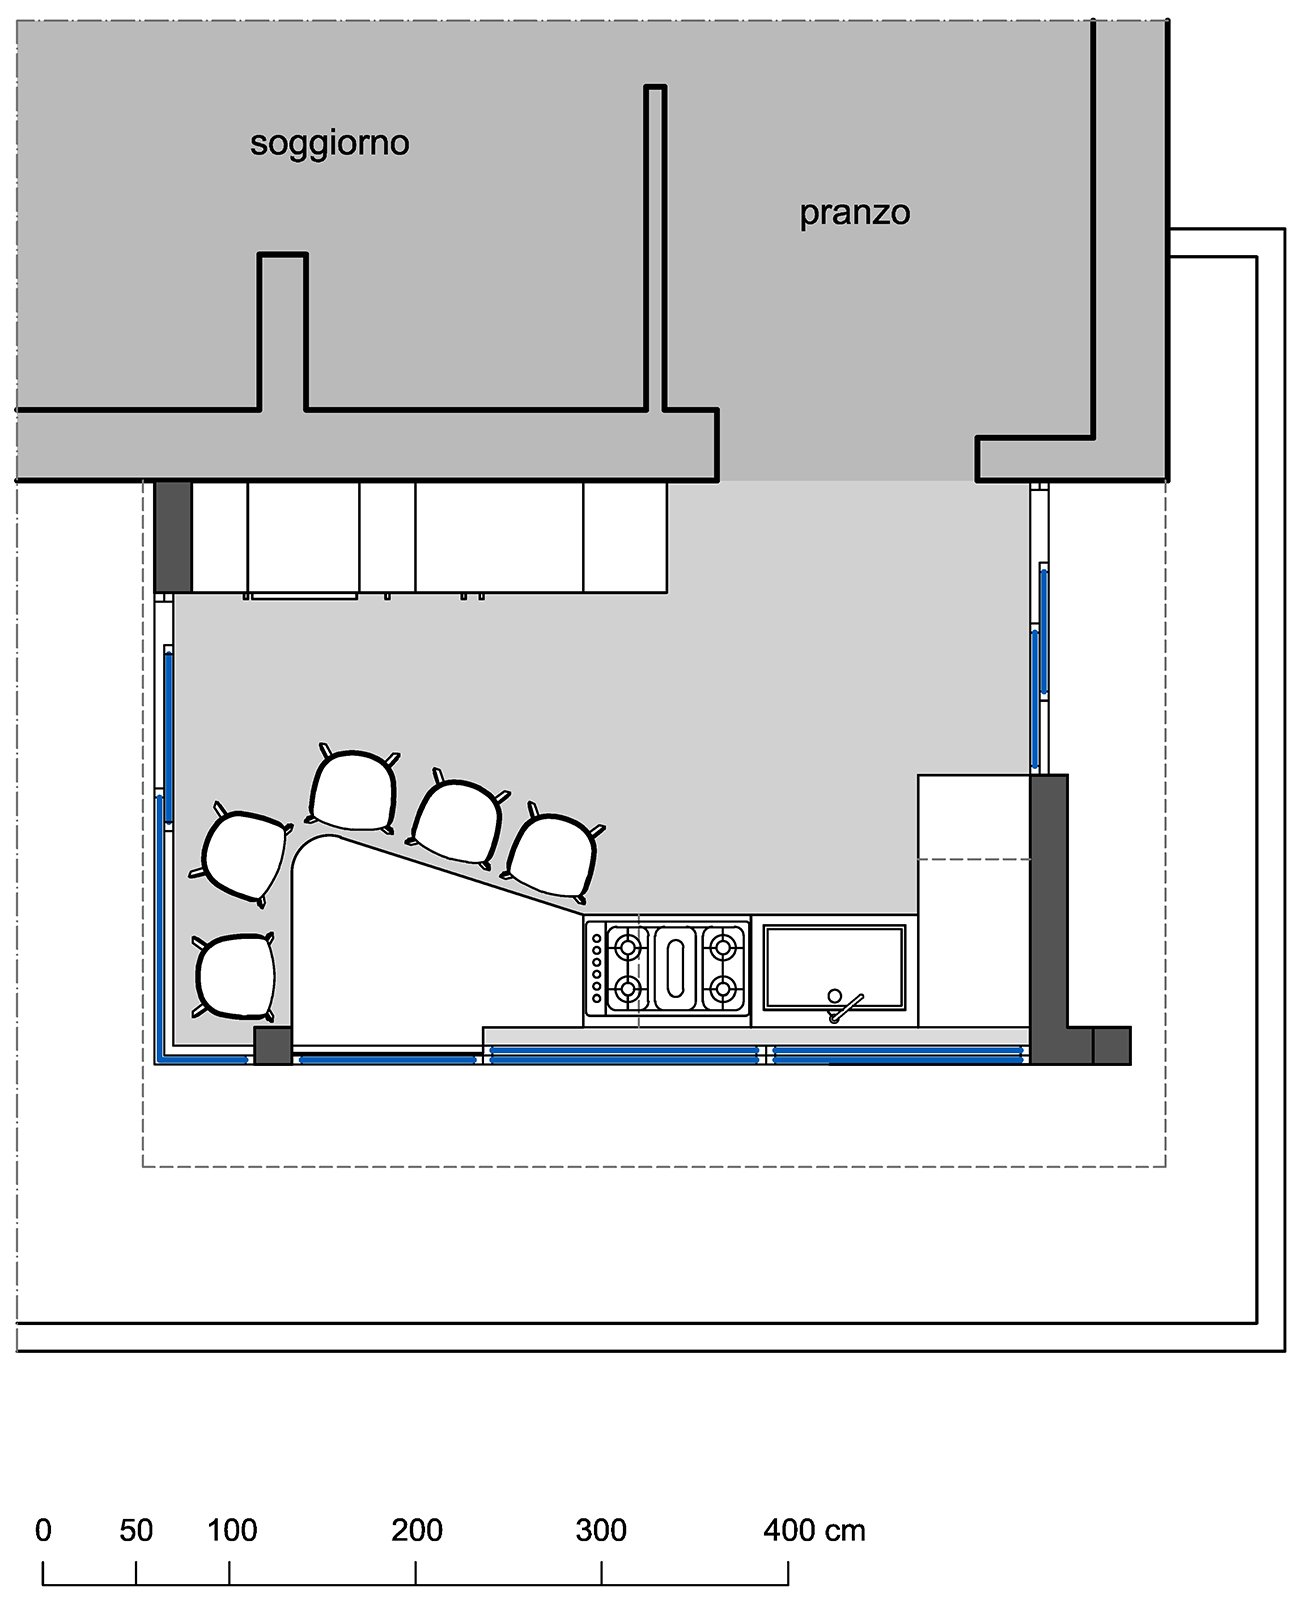 Casabook immobiliare spostare la cucina sul terrazzo - Cucina sul terrazzo ...